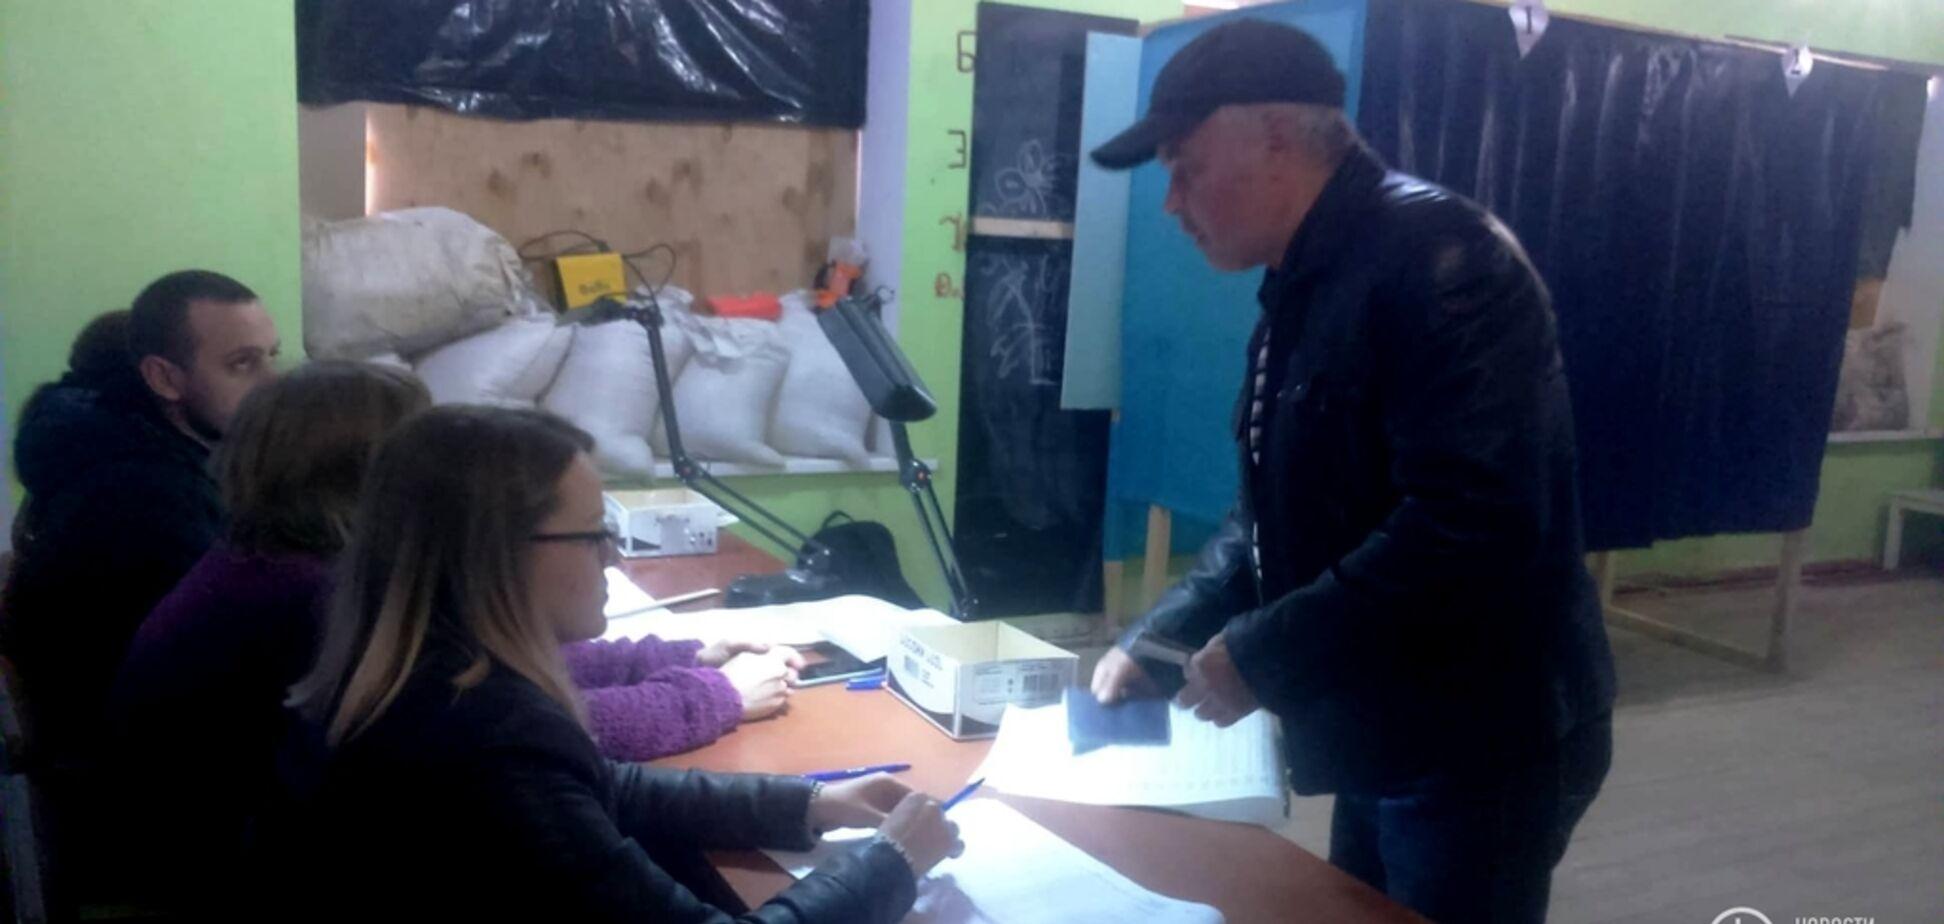 Мішки з піском і закриті фанерою вікна: як проходять вибори президента України на Донбасі